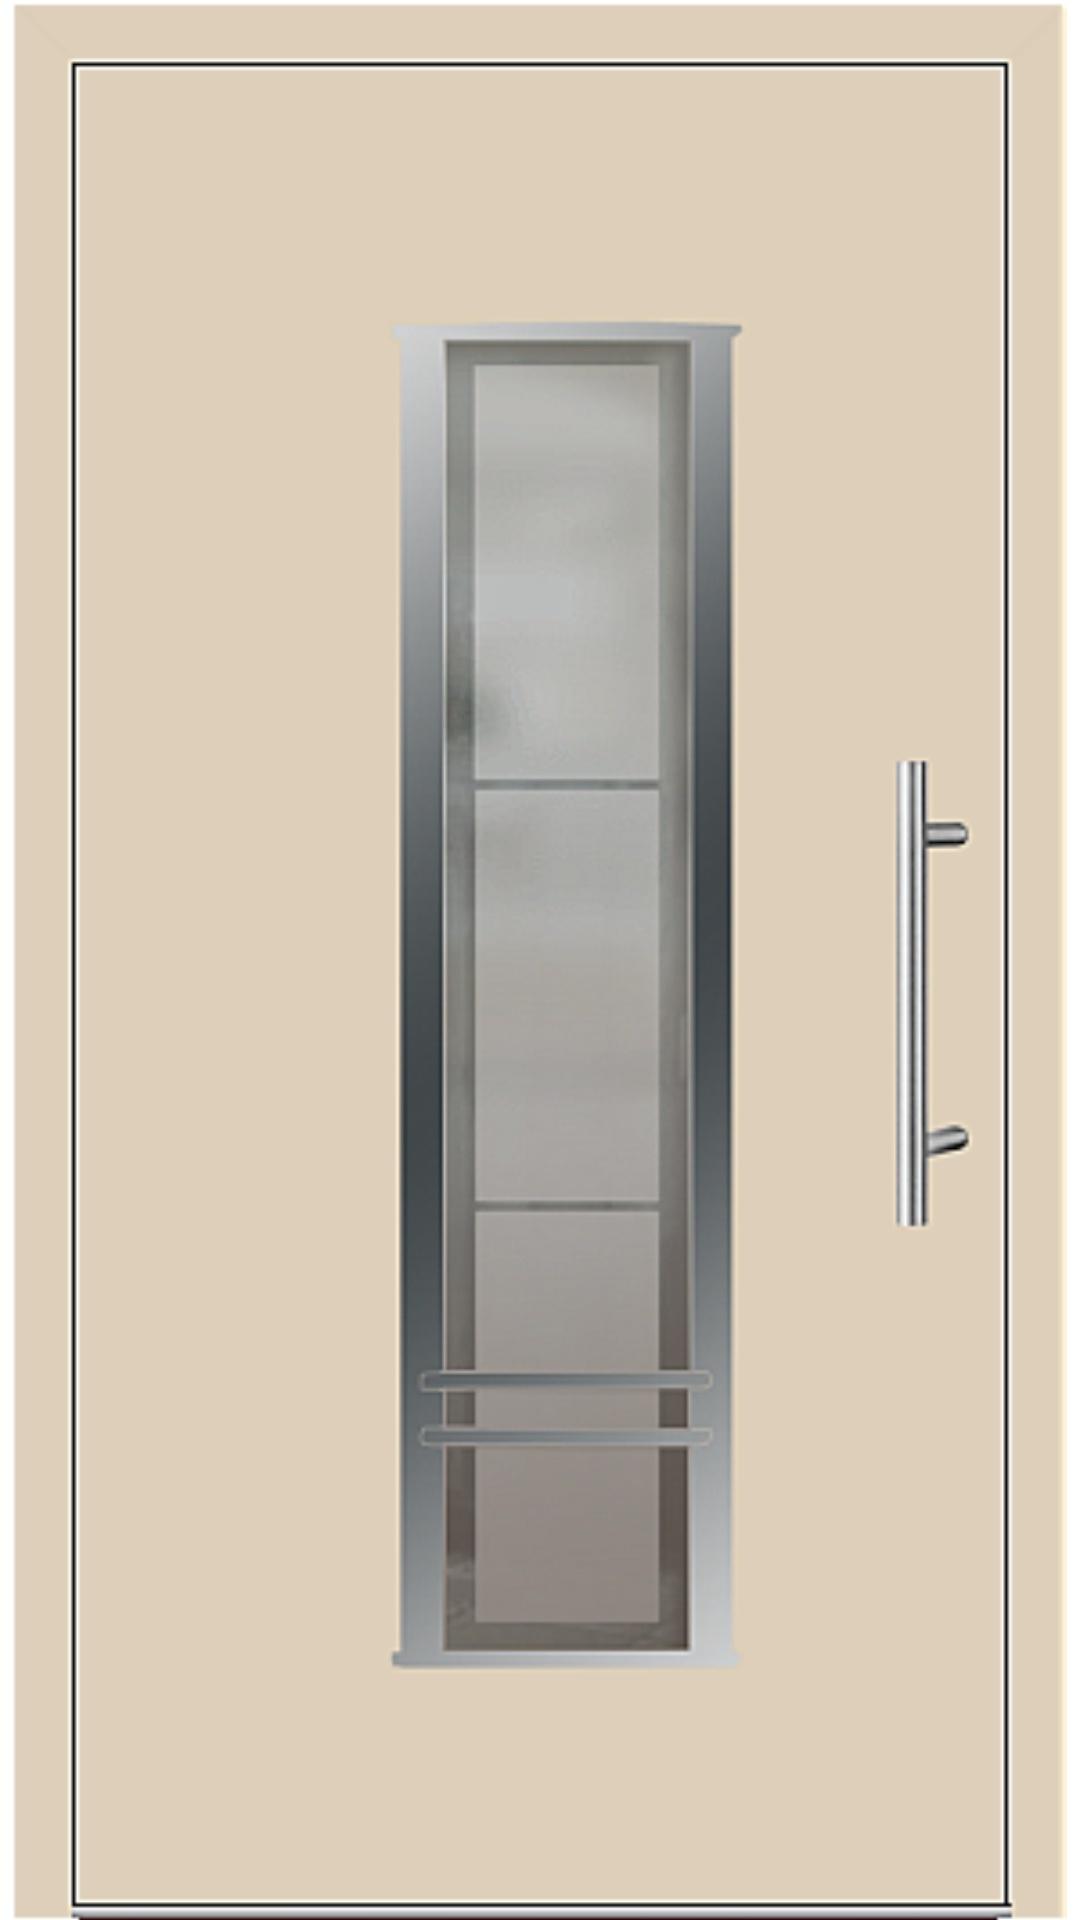 Kunststoff Haustür Modell 6817-79 beige